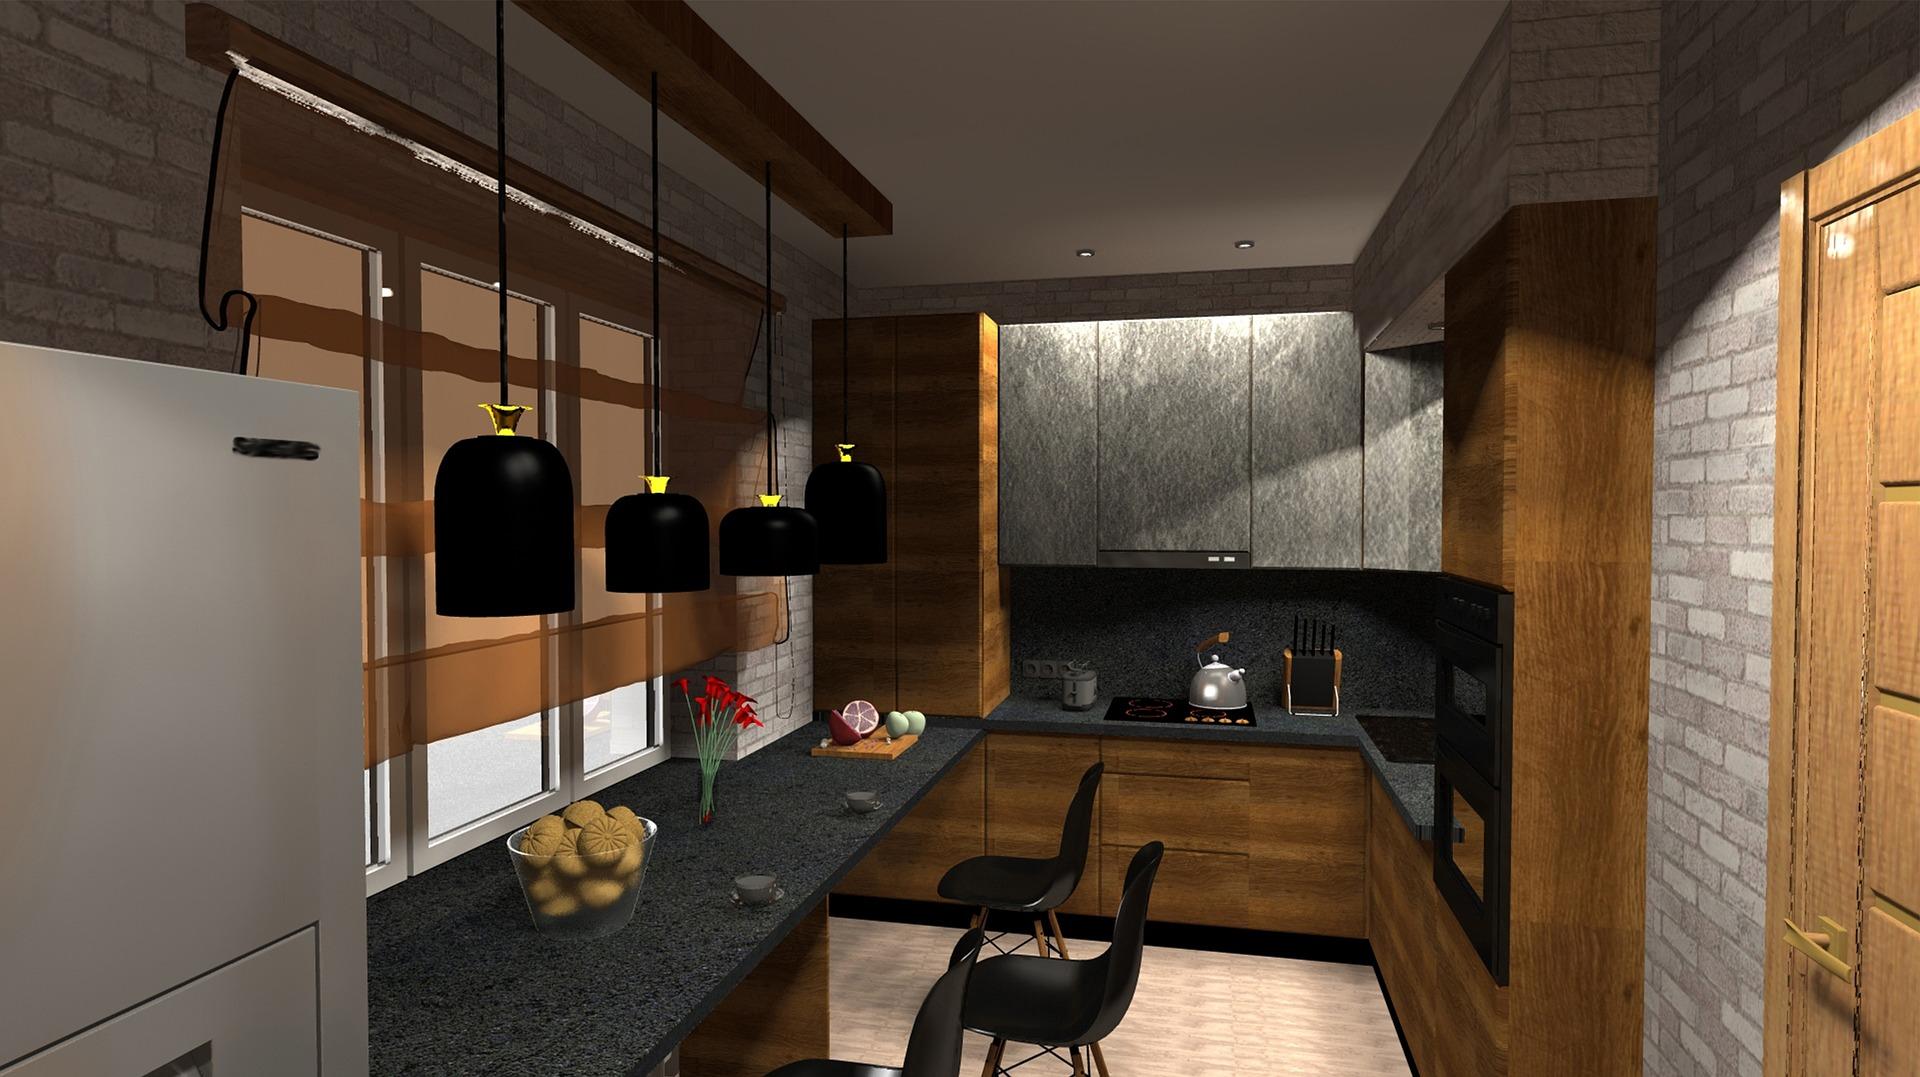 Yeni nesil mutfak tasarımı